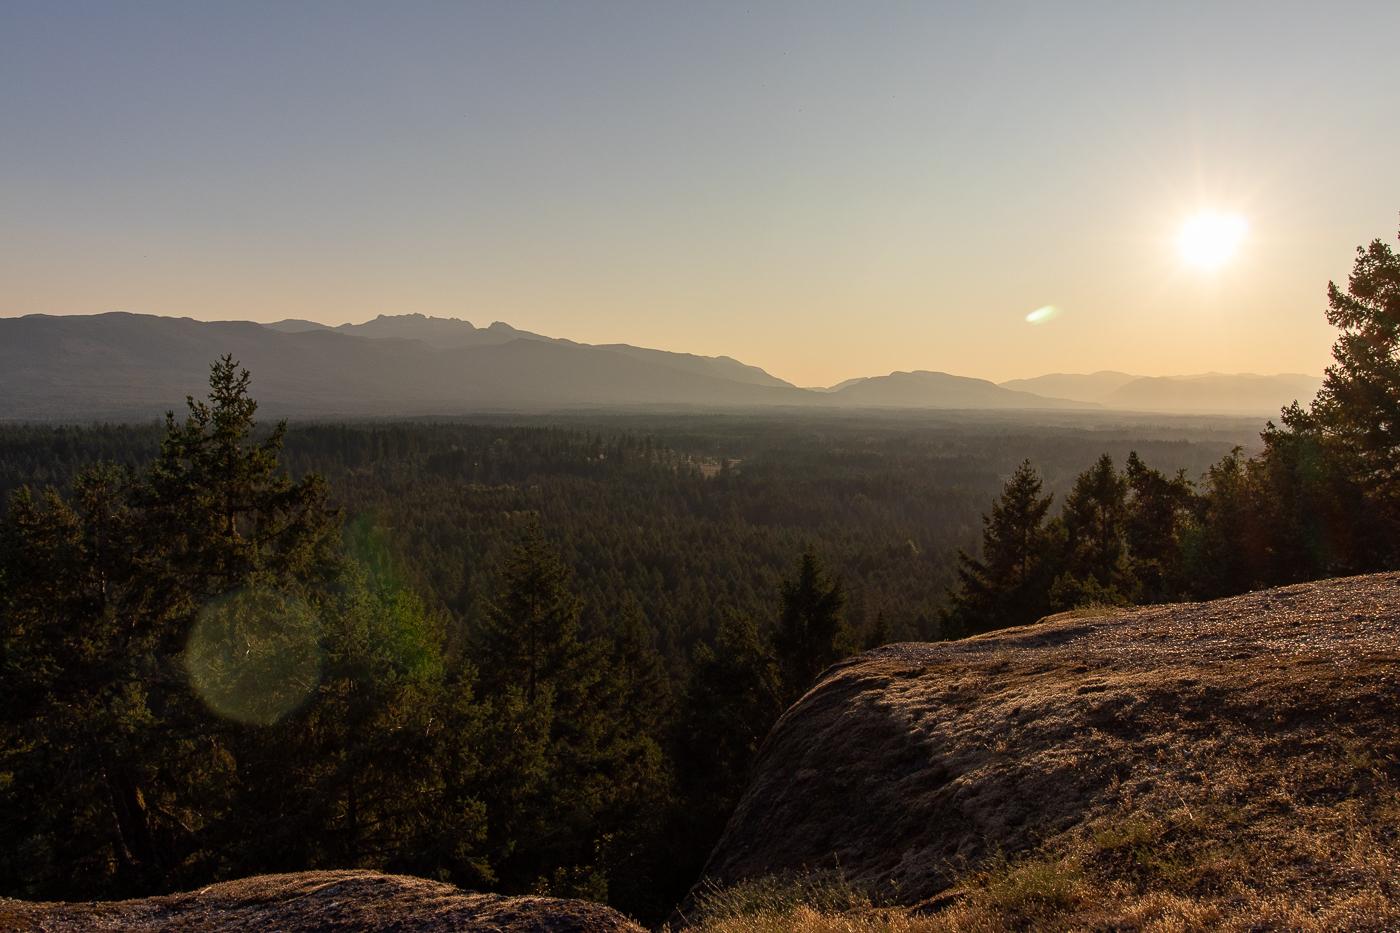 Von Little Mountain aus kann man einen schönen Sonnenuntergang beobachten.